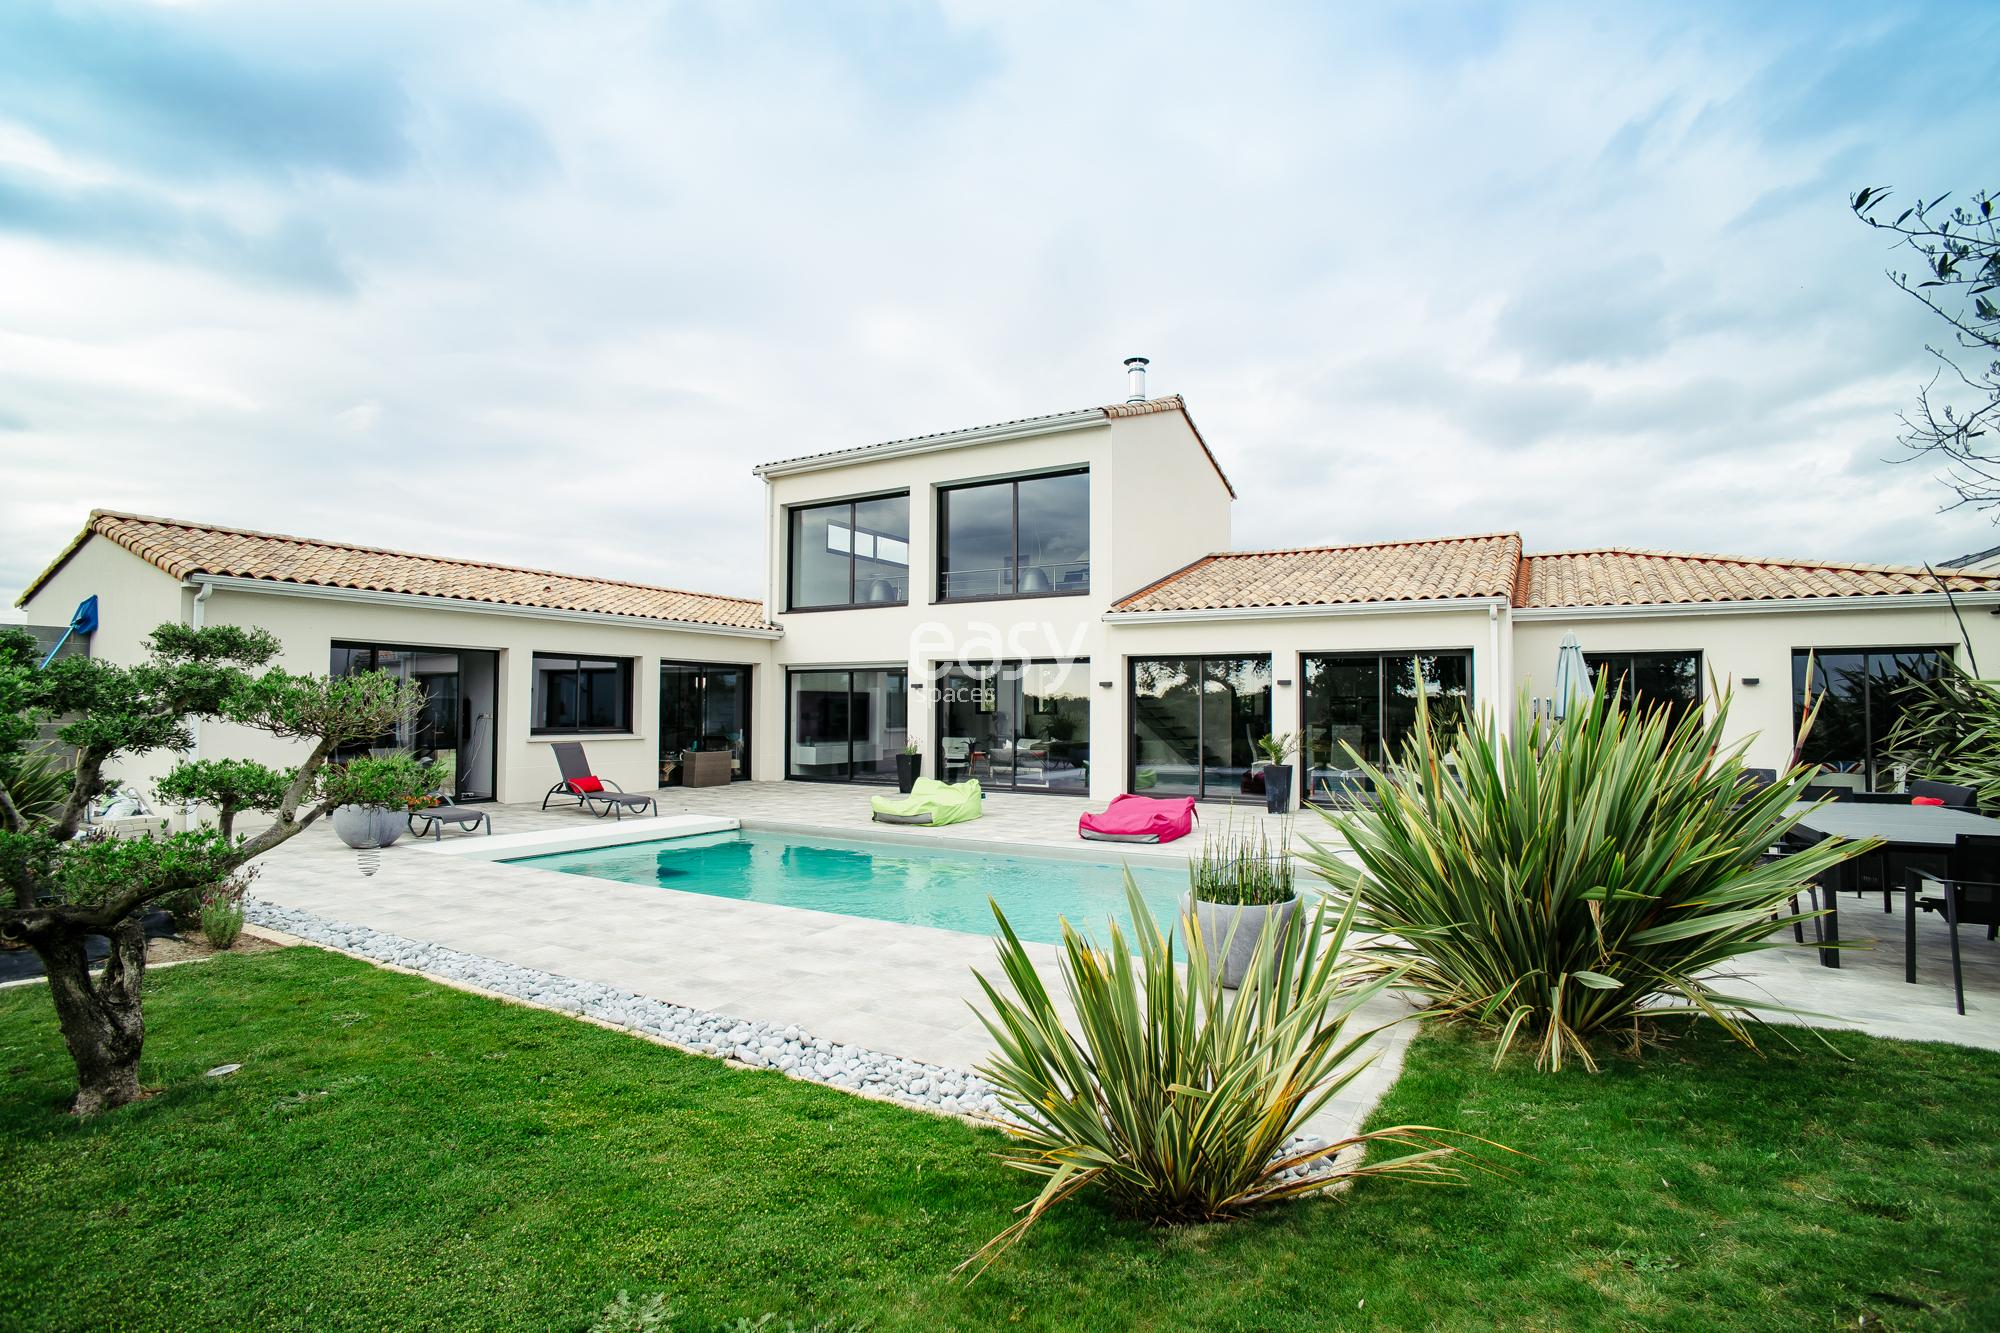 Maison moderne 200m2 for Photo de plan de maison